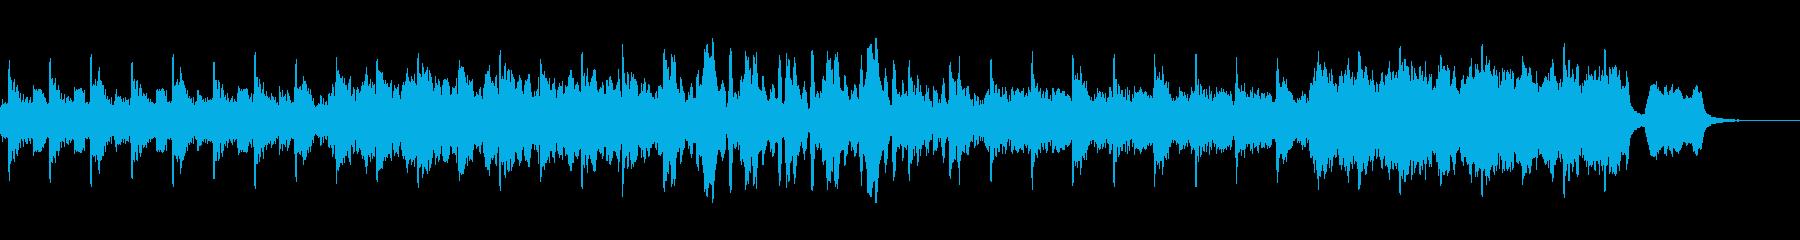 「変拍子」VP映像用オーケストラ壮大の再生済みの波形